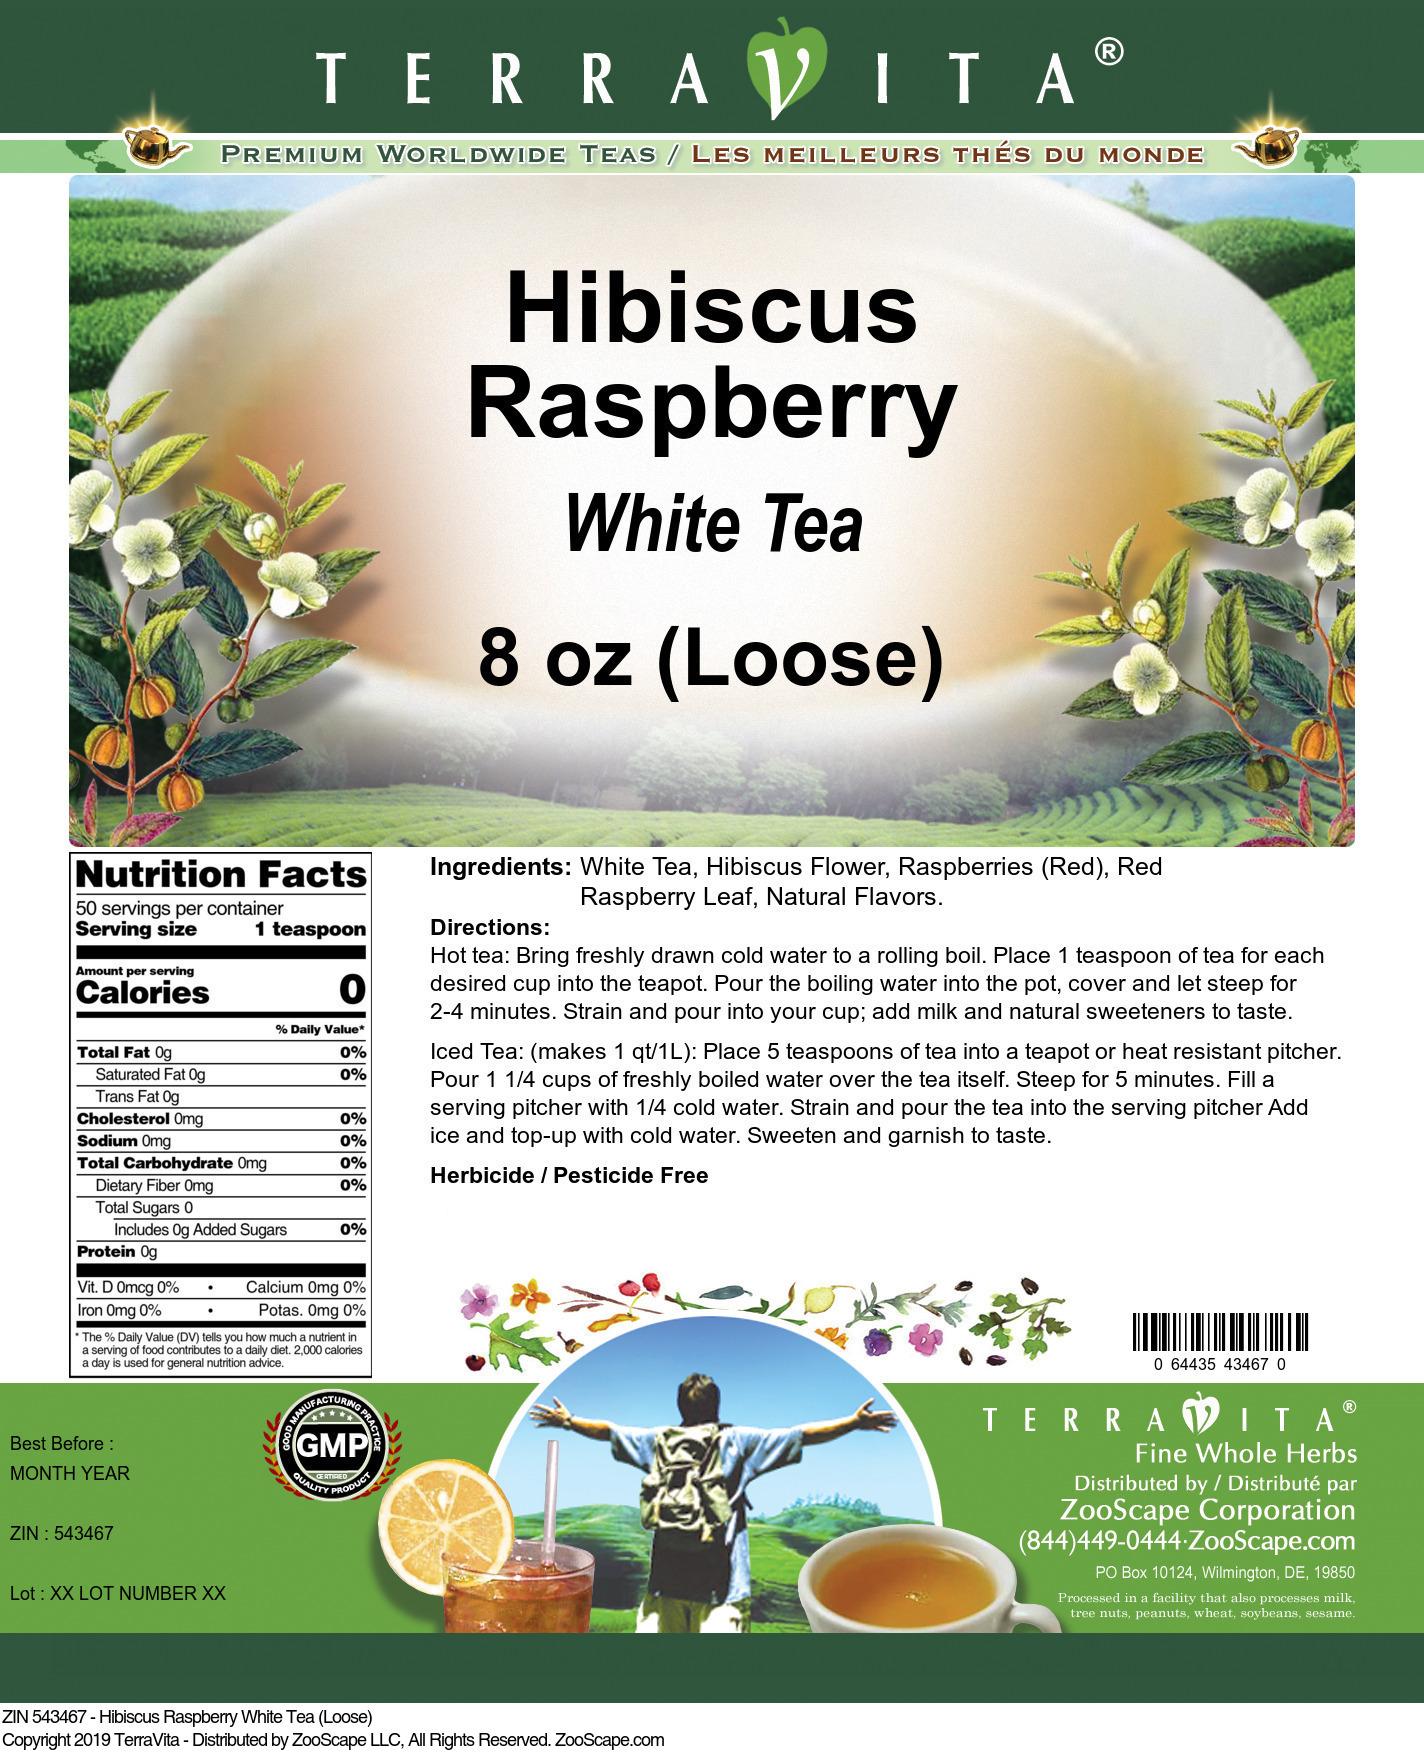 Hibiscus Raspberry White Tea (Loose)